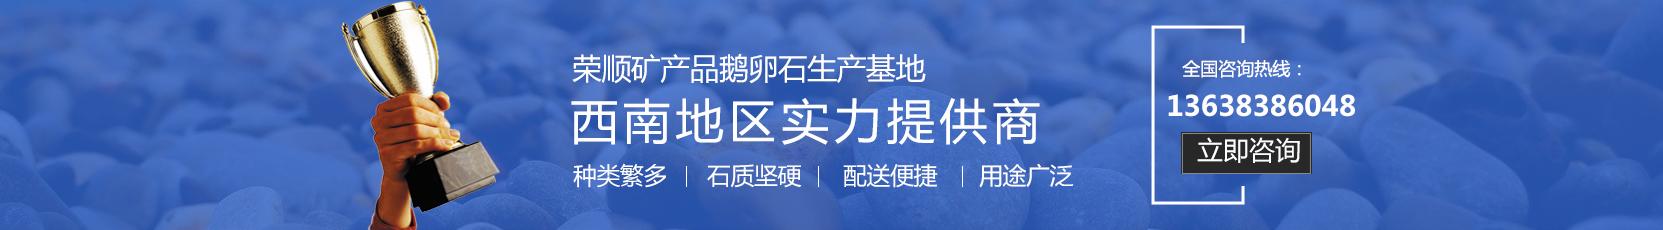 荣顺矿产品鹅卵石生产基地,西南地区实力提供商!